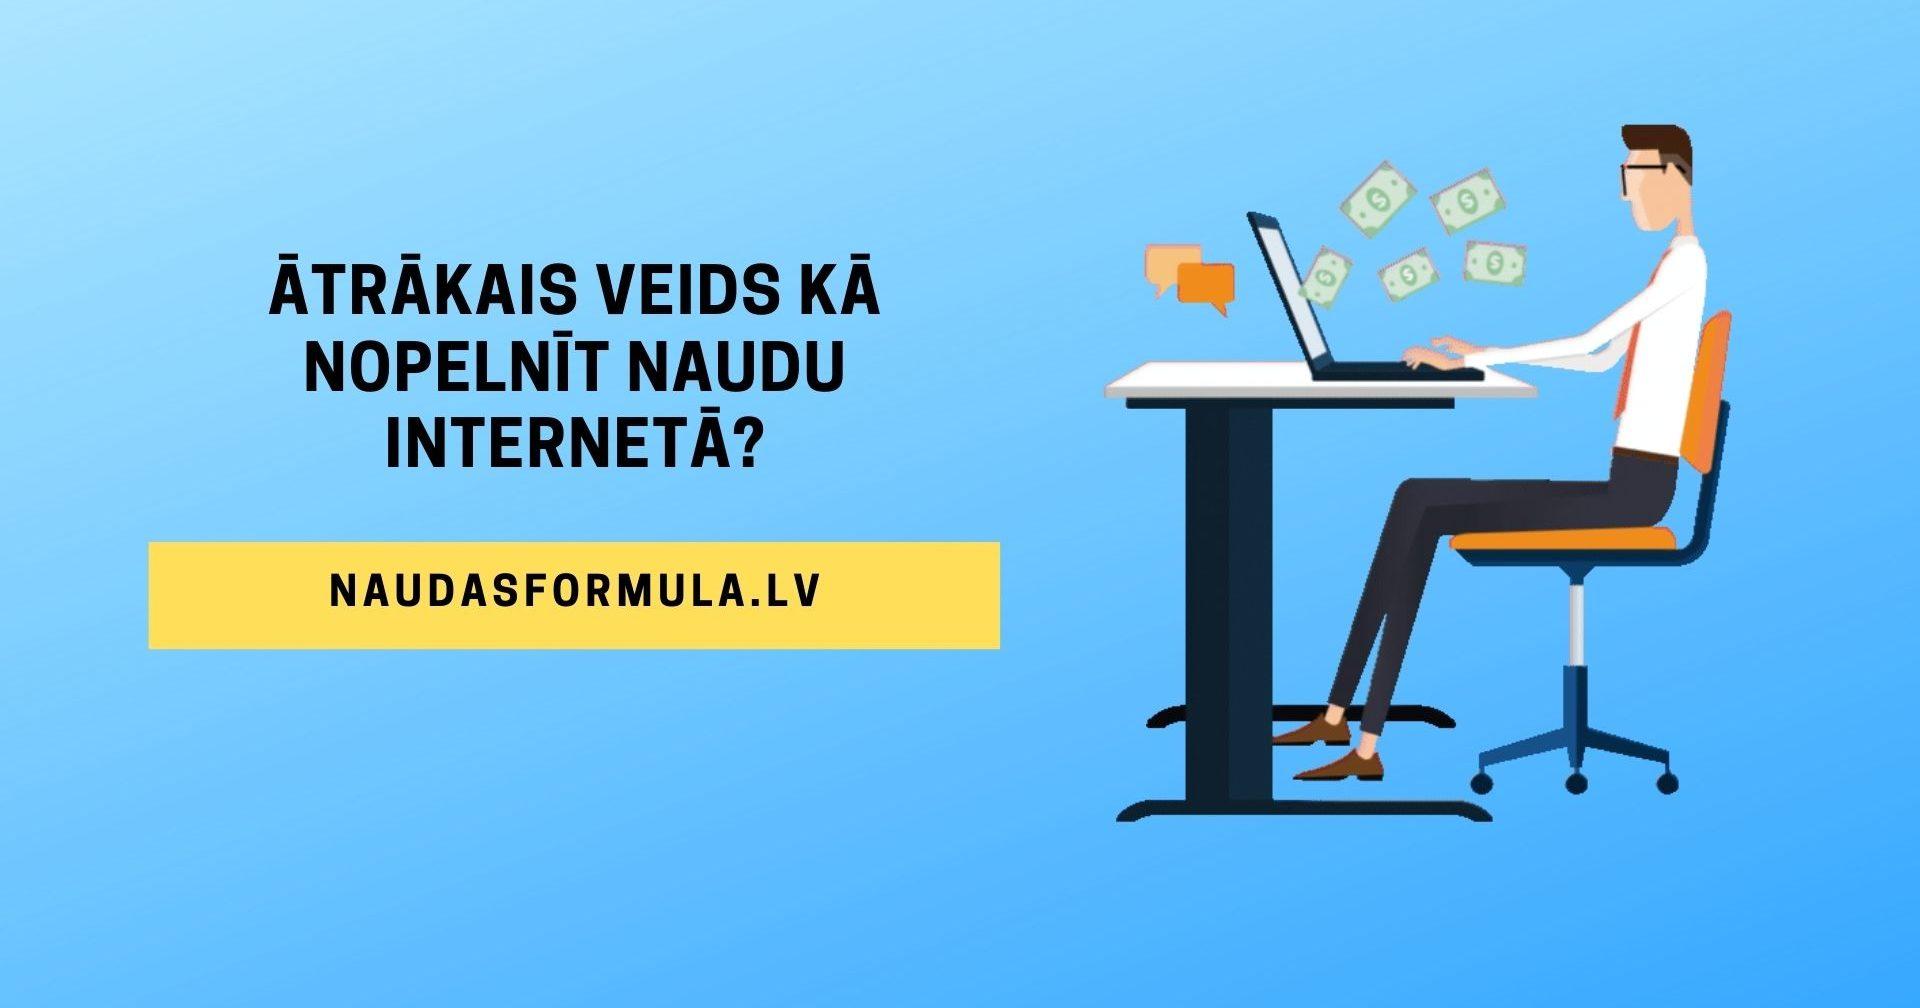 kur nopelnīt naudu internetā no 200